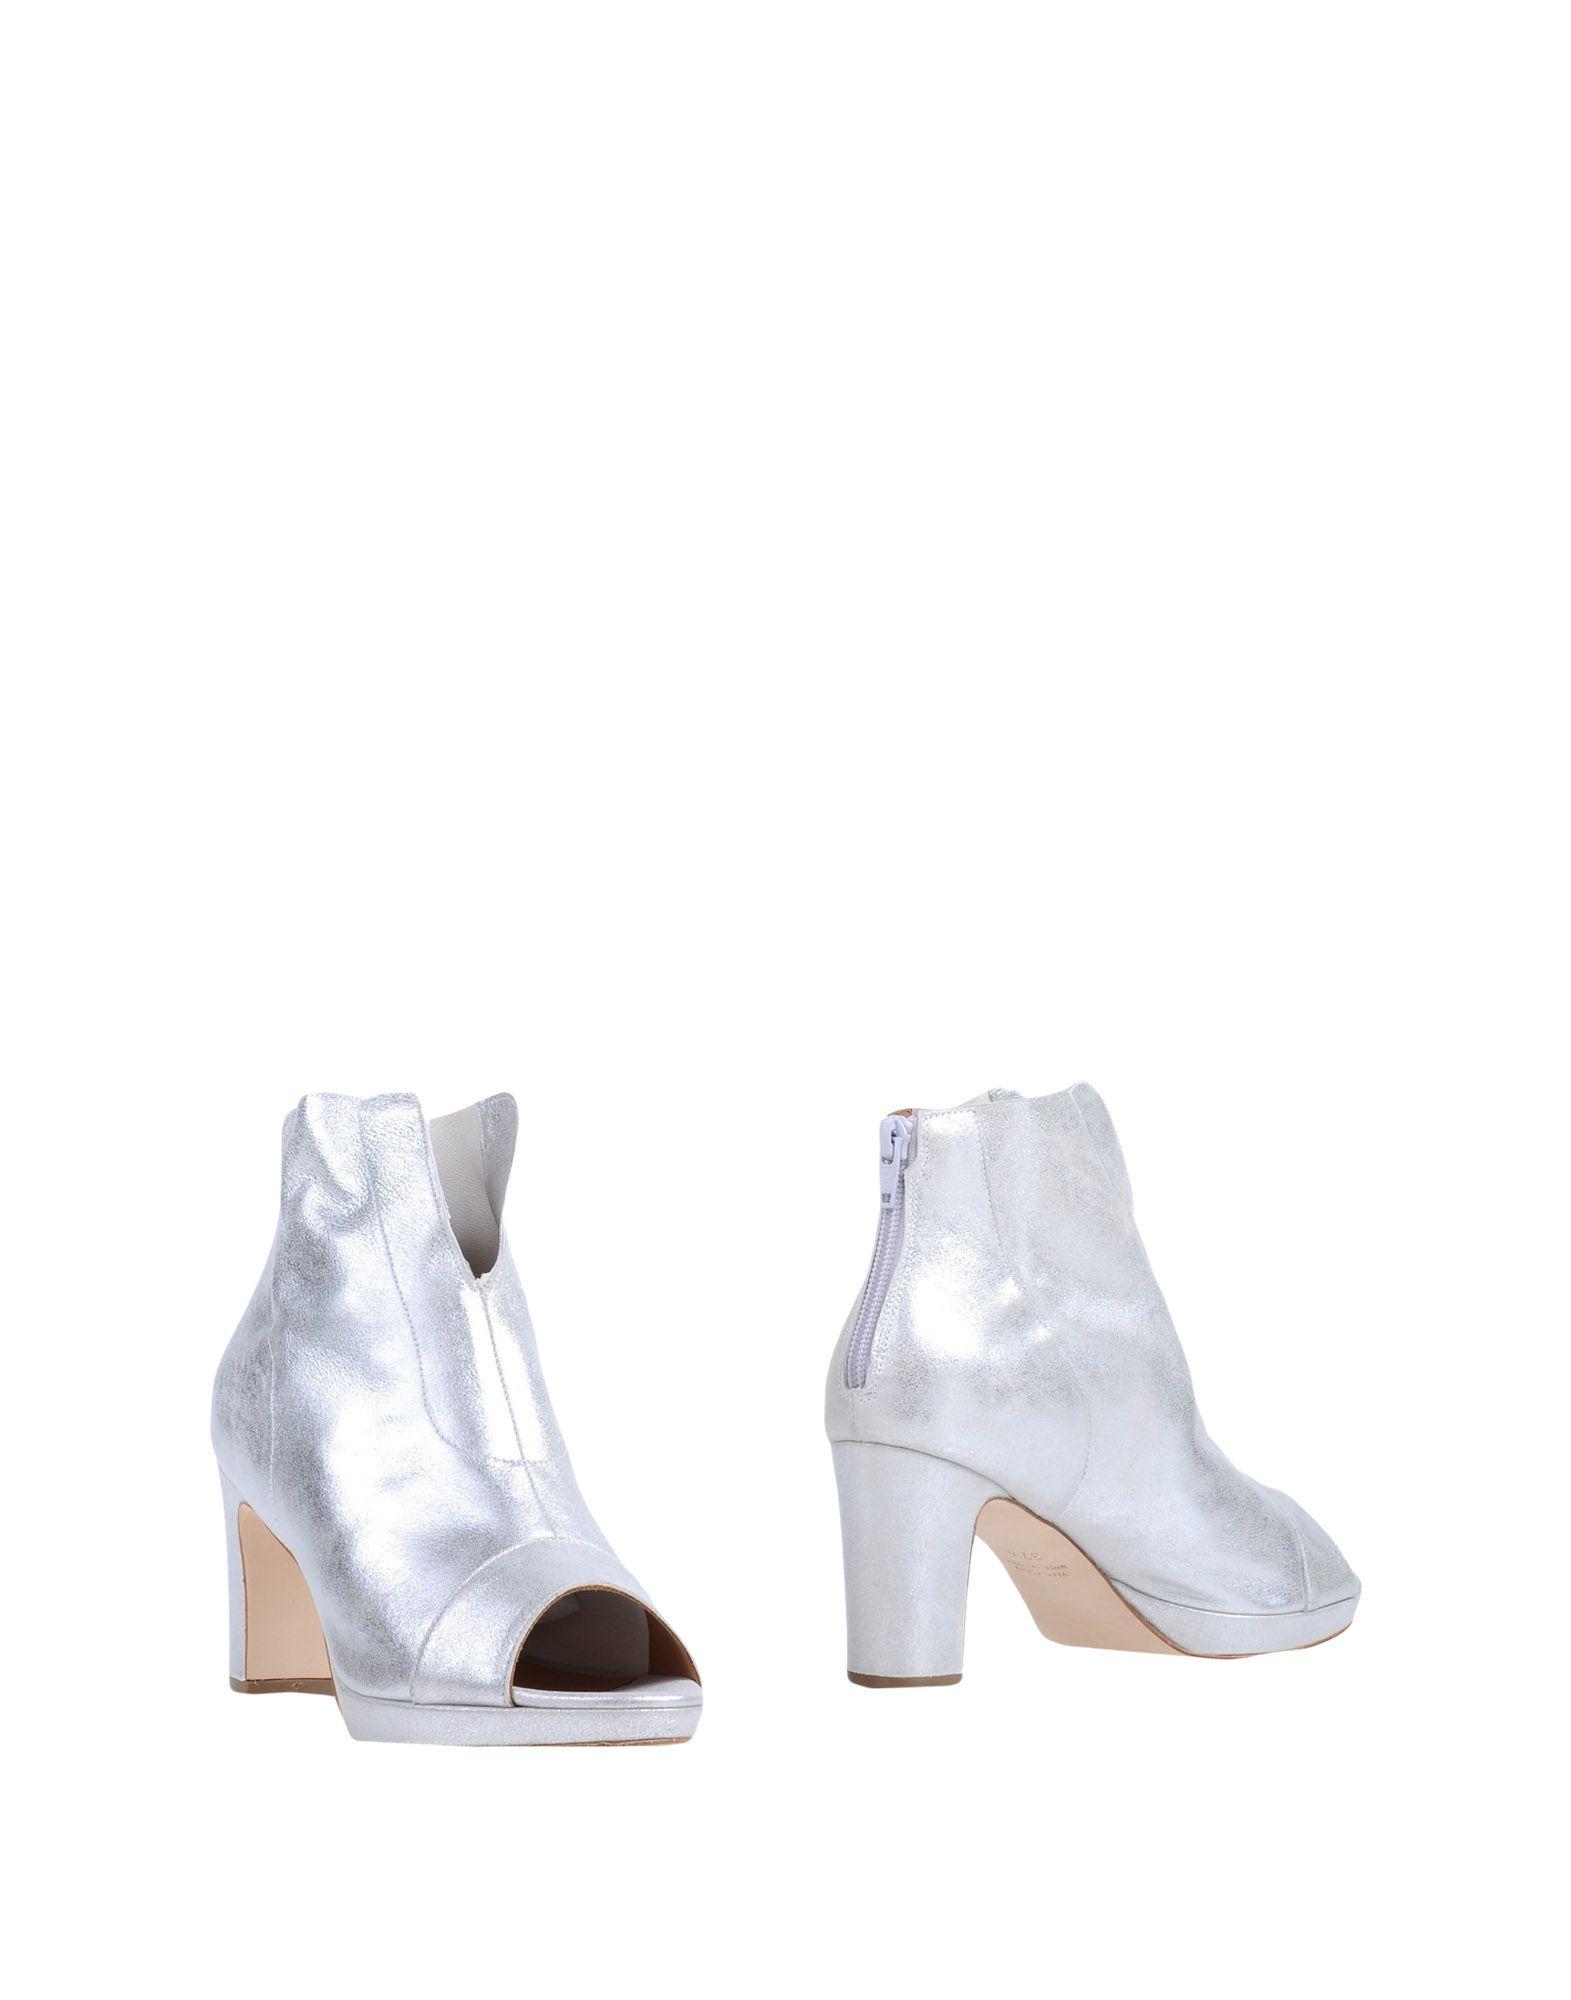 MICHELEDILOCO Ботинки цены онлайн